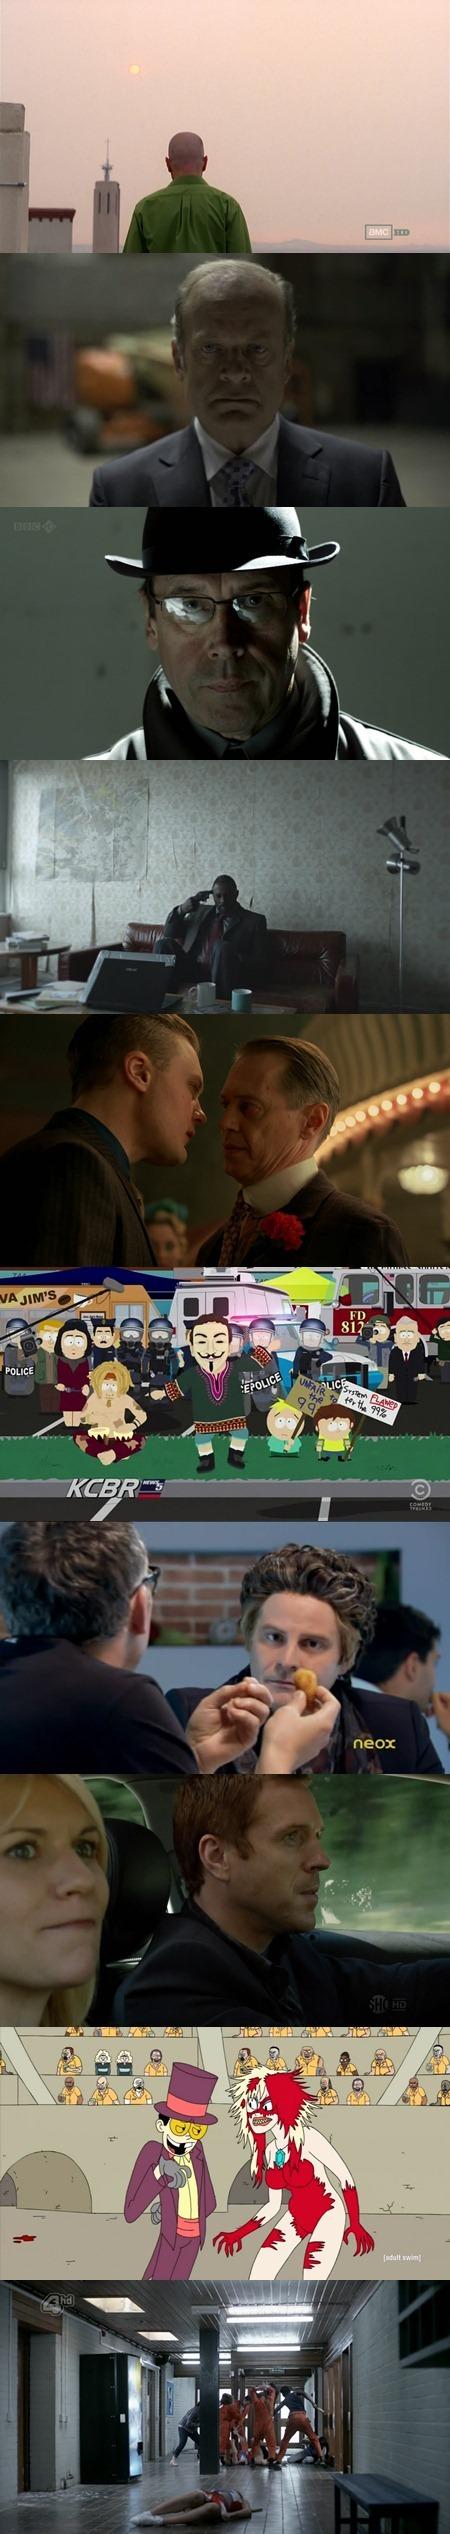 Lo Mejor de 2011 - Series de TV [intramuros.es]